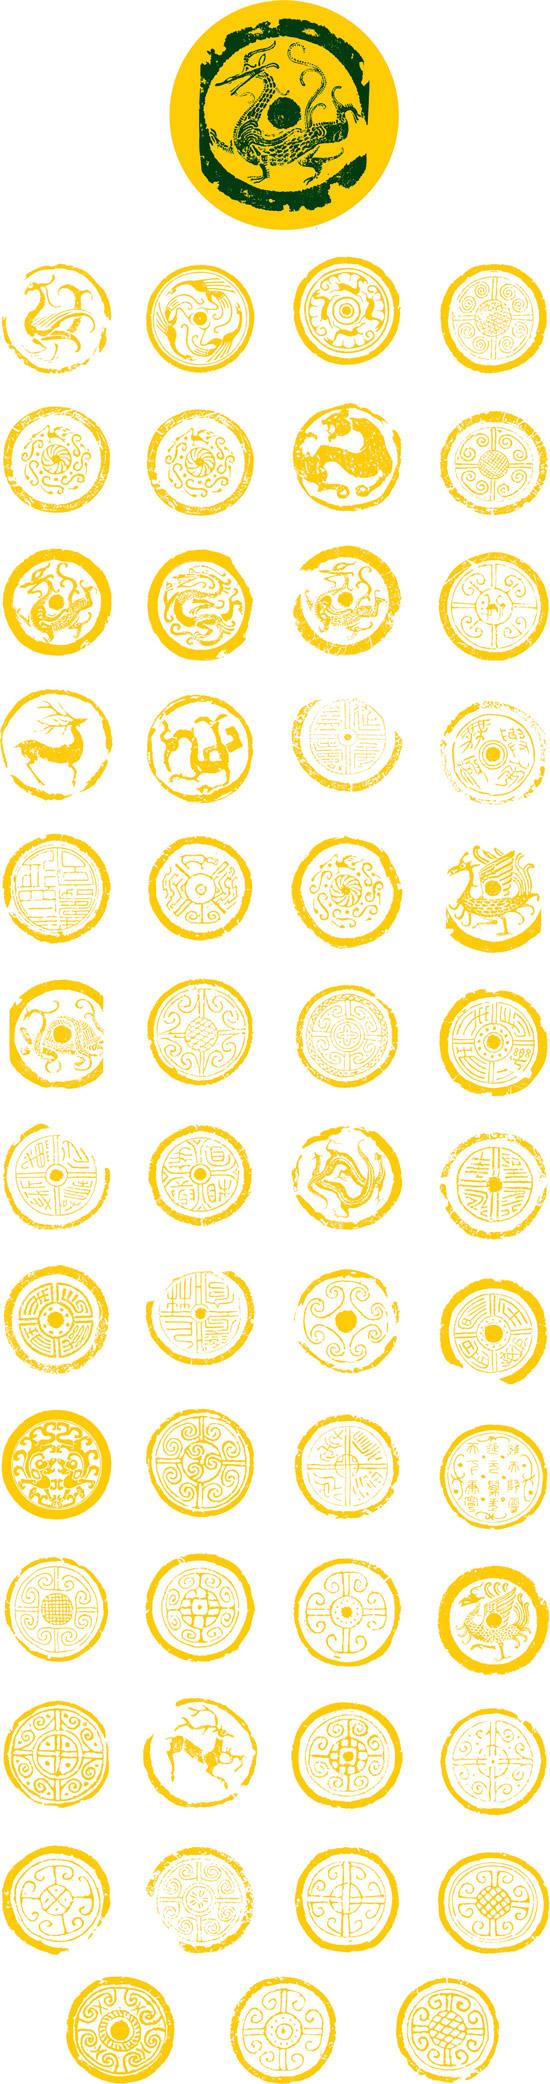 关键词: 中国龙文化龙形图腾psd,龙形图腾,圆形徽章,石刻图腾,中国龙